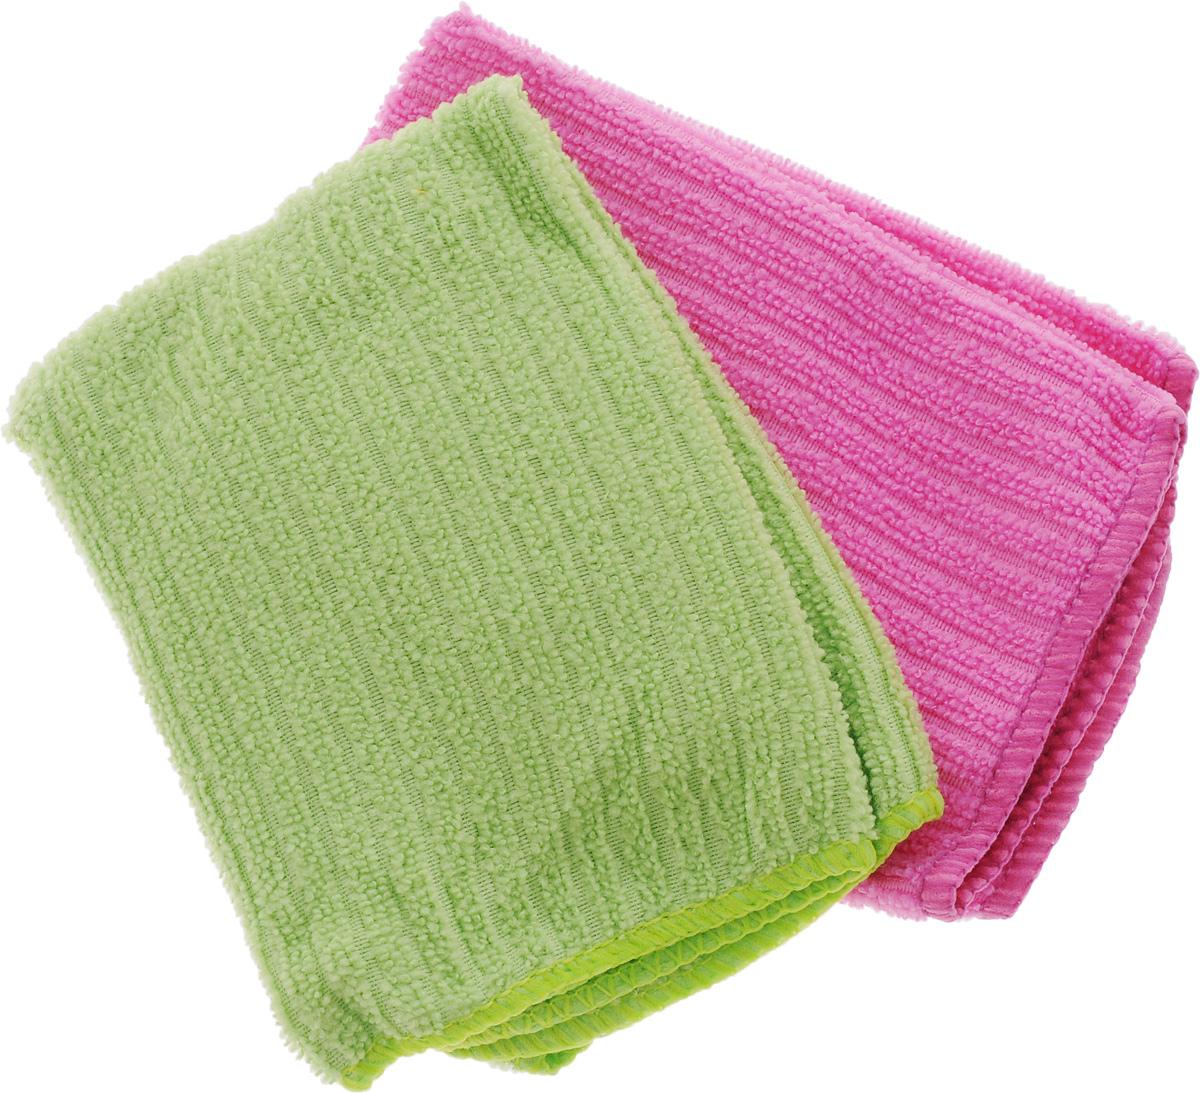 Салфетка из микрофибры Home Queen, цвет: зеленый, розовый, 30 х 30 см, 2 шт391602Салфетка Home Queen изготовлена из микрофибры. Это великолепная гипоаллергенная ткань, изготовленная из тончайших полимерных микроволокон. Салфетка из микрофибры может поглощать количество пыли и влаги, в 7 раз превышающее ее собственный вес. Многочисленные поры между микроволокнами, благодаря капиллярному эффекту, мгновенно впитывают воду, подобно губке. Благодаря мелким порам микроволокна, любые капельки, остающиеся на чистящей поверхности, очень быстро испаряются, и остается чистая дорожка без полос и разводов. В сухом виде при вытирании поверхности волокна микрофибры электризуются и притягивают к себе микробы, мельчайшие частицы пыли и грязи, удерживая их в своих микропорах. Салфетки можно стирать в стиральной машине или вручную при температуре 40°С.